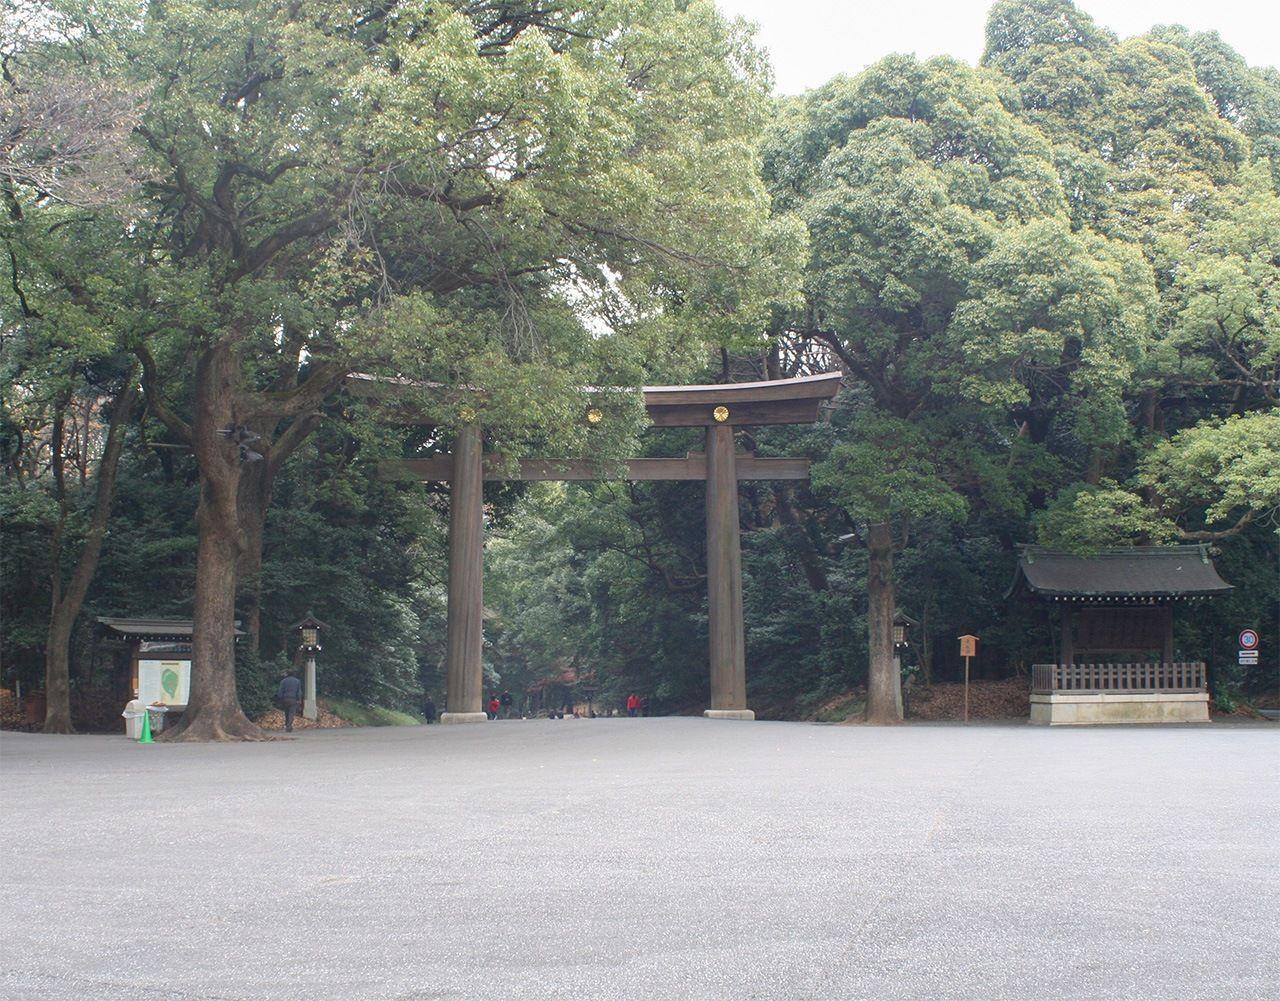 Территория возле тории Минамисандо 100 лет спустя (фотография предоставлена святилищем Мэйдзи-дзингу)